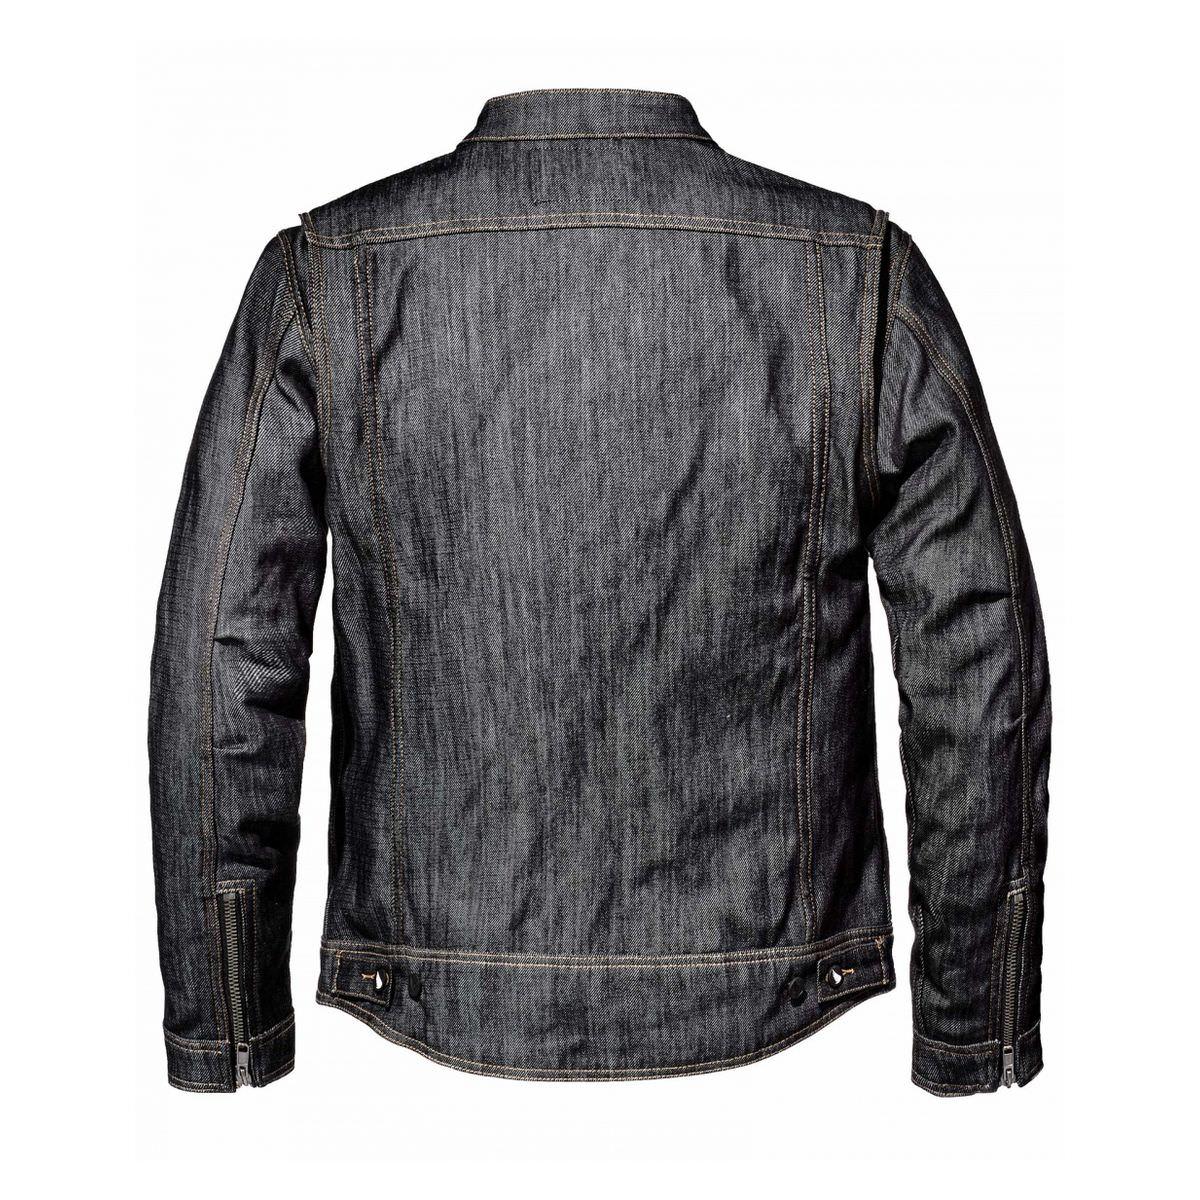 Saint Model 3014 Technical Denim Jacket 1 - Saint Model 3014 Motorcycle Denim Jacket